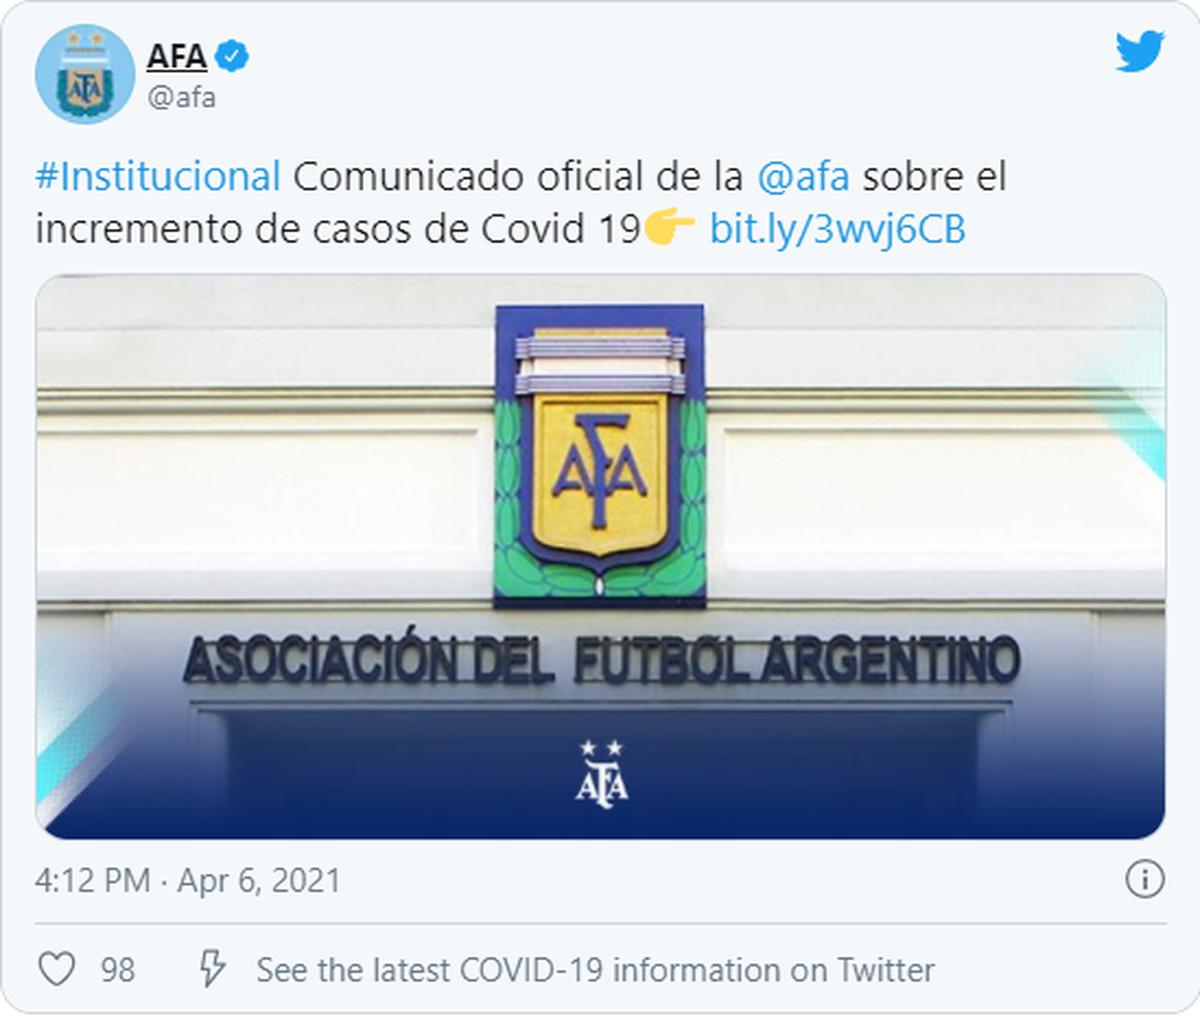 A través de las redes de la AFA se anunció el incremento de casos de Covid en los clubes de Fútbol argentino